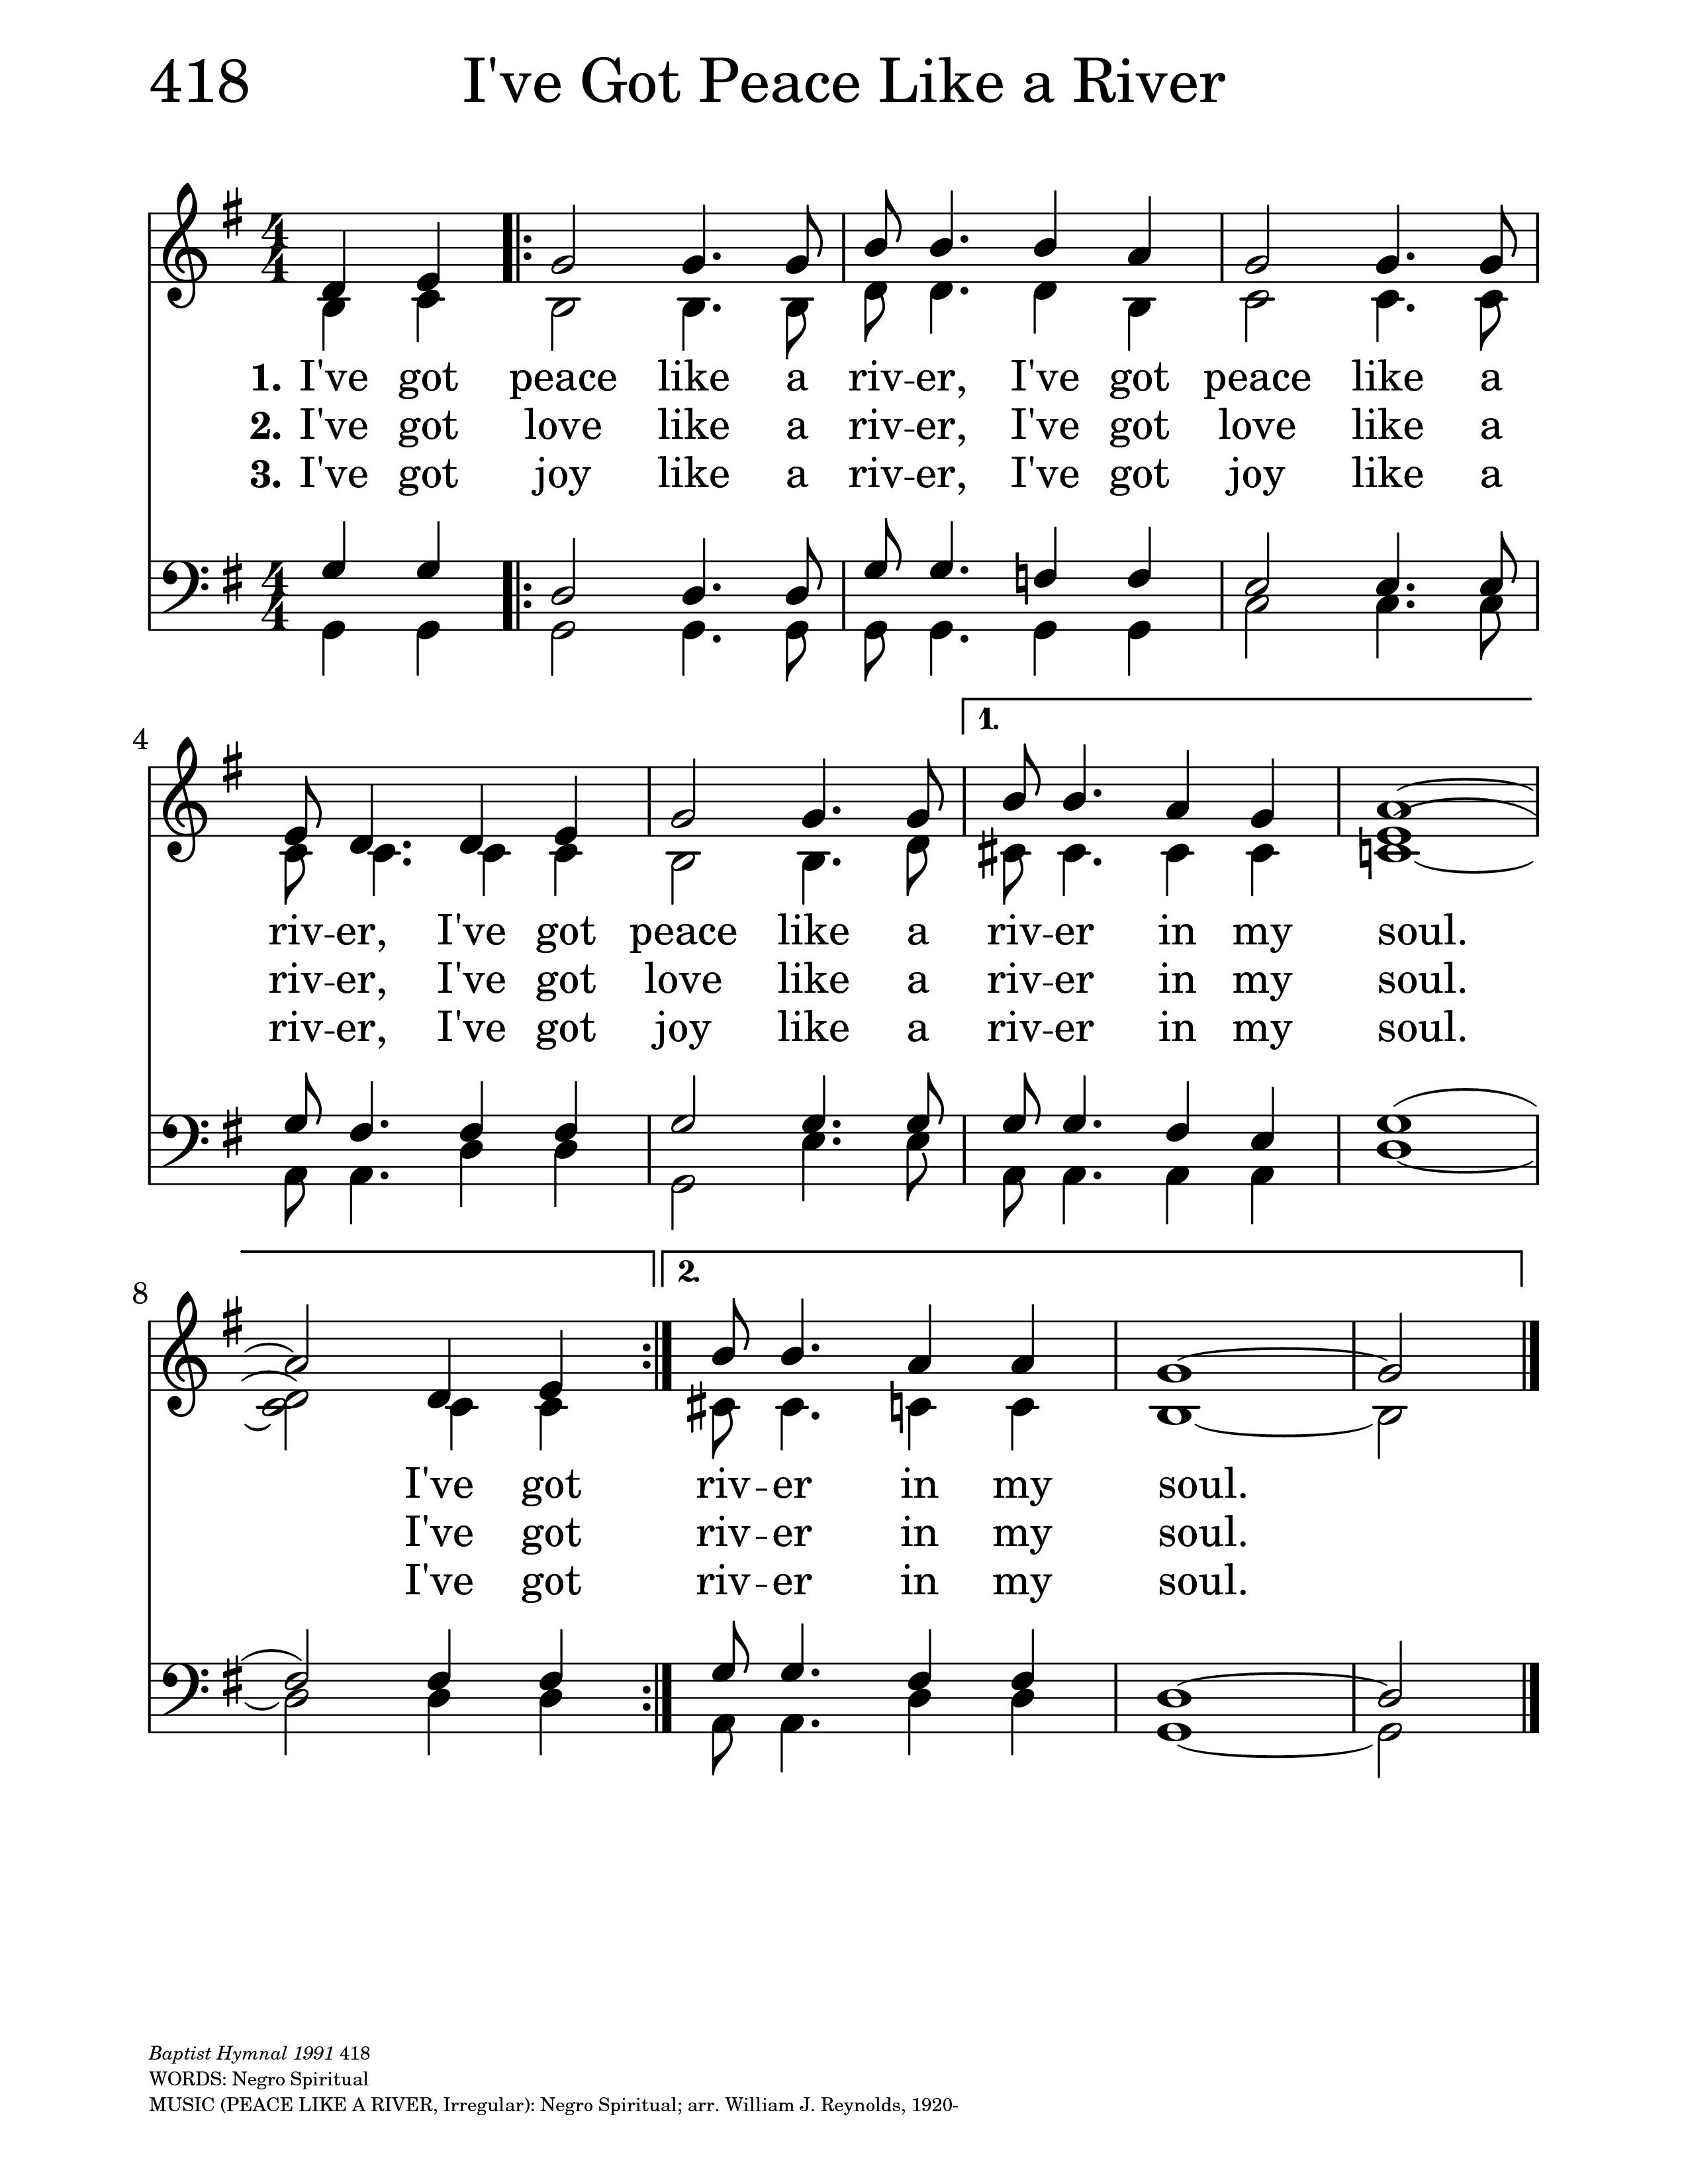 I've Got Peace Like a River | Hymnary org